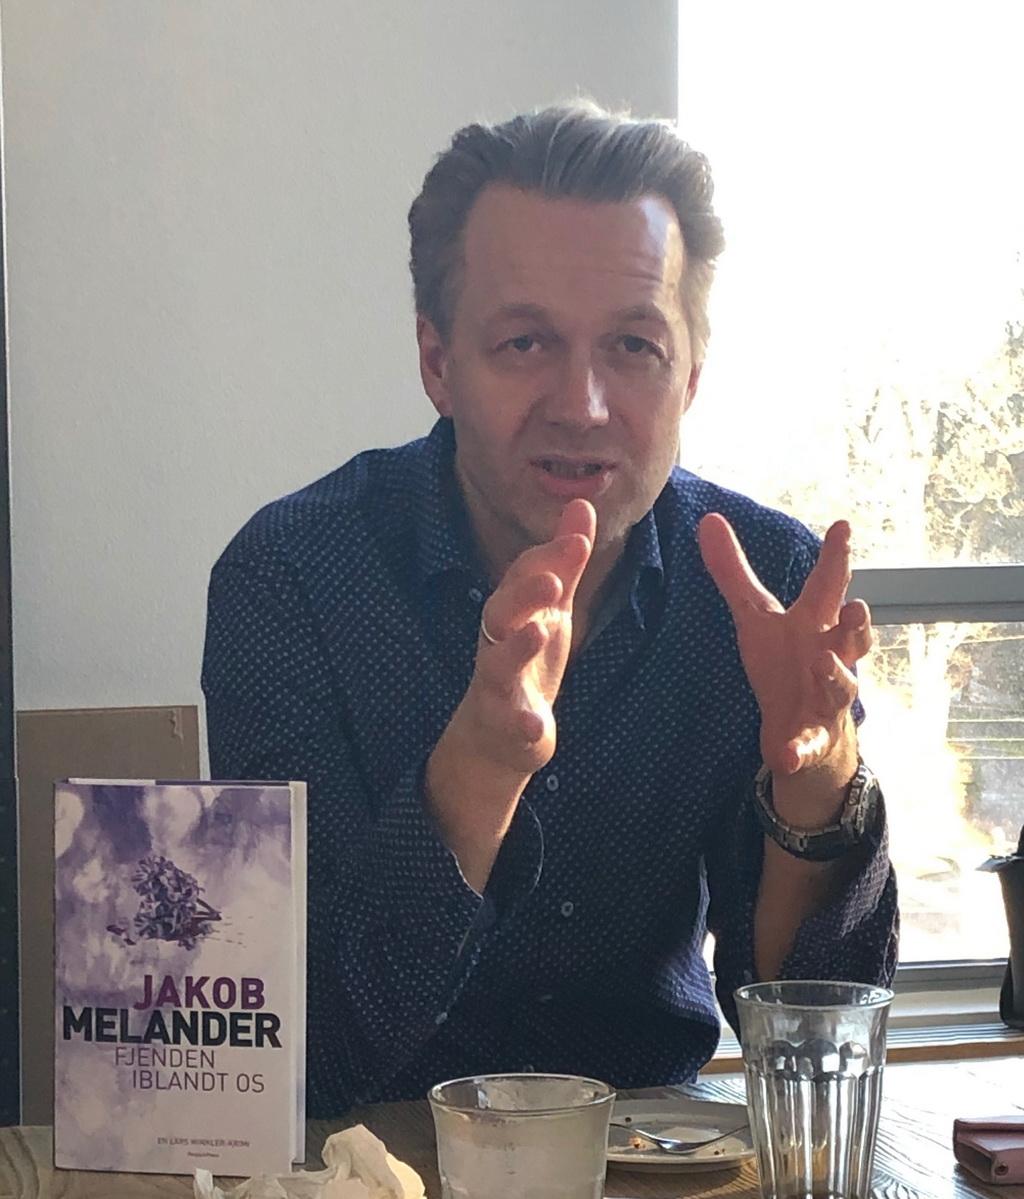 Jakob Melander fortæller om sin nye bog - og om sit forfatterskab.